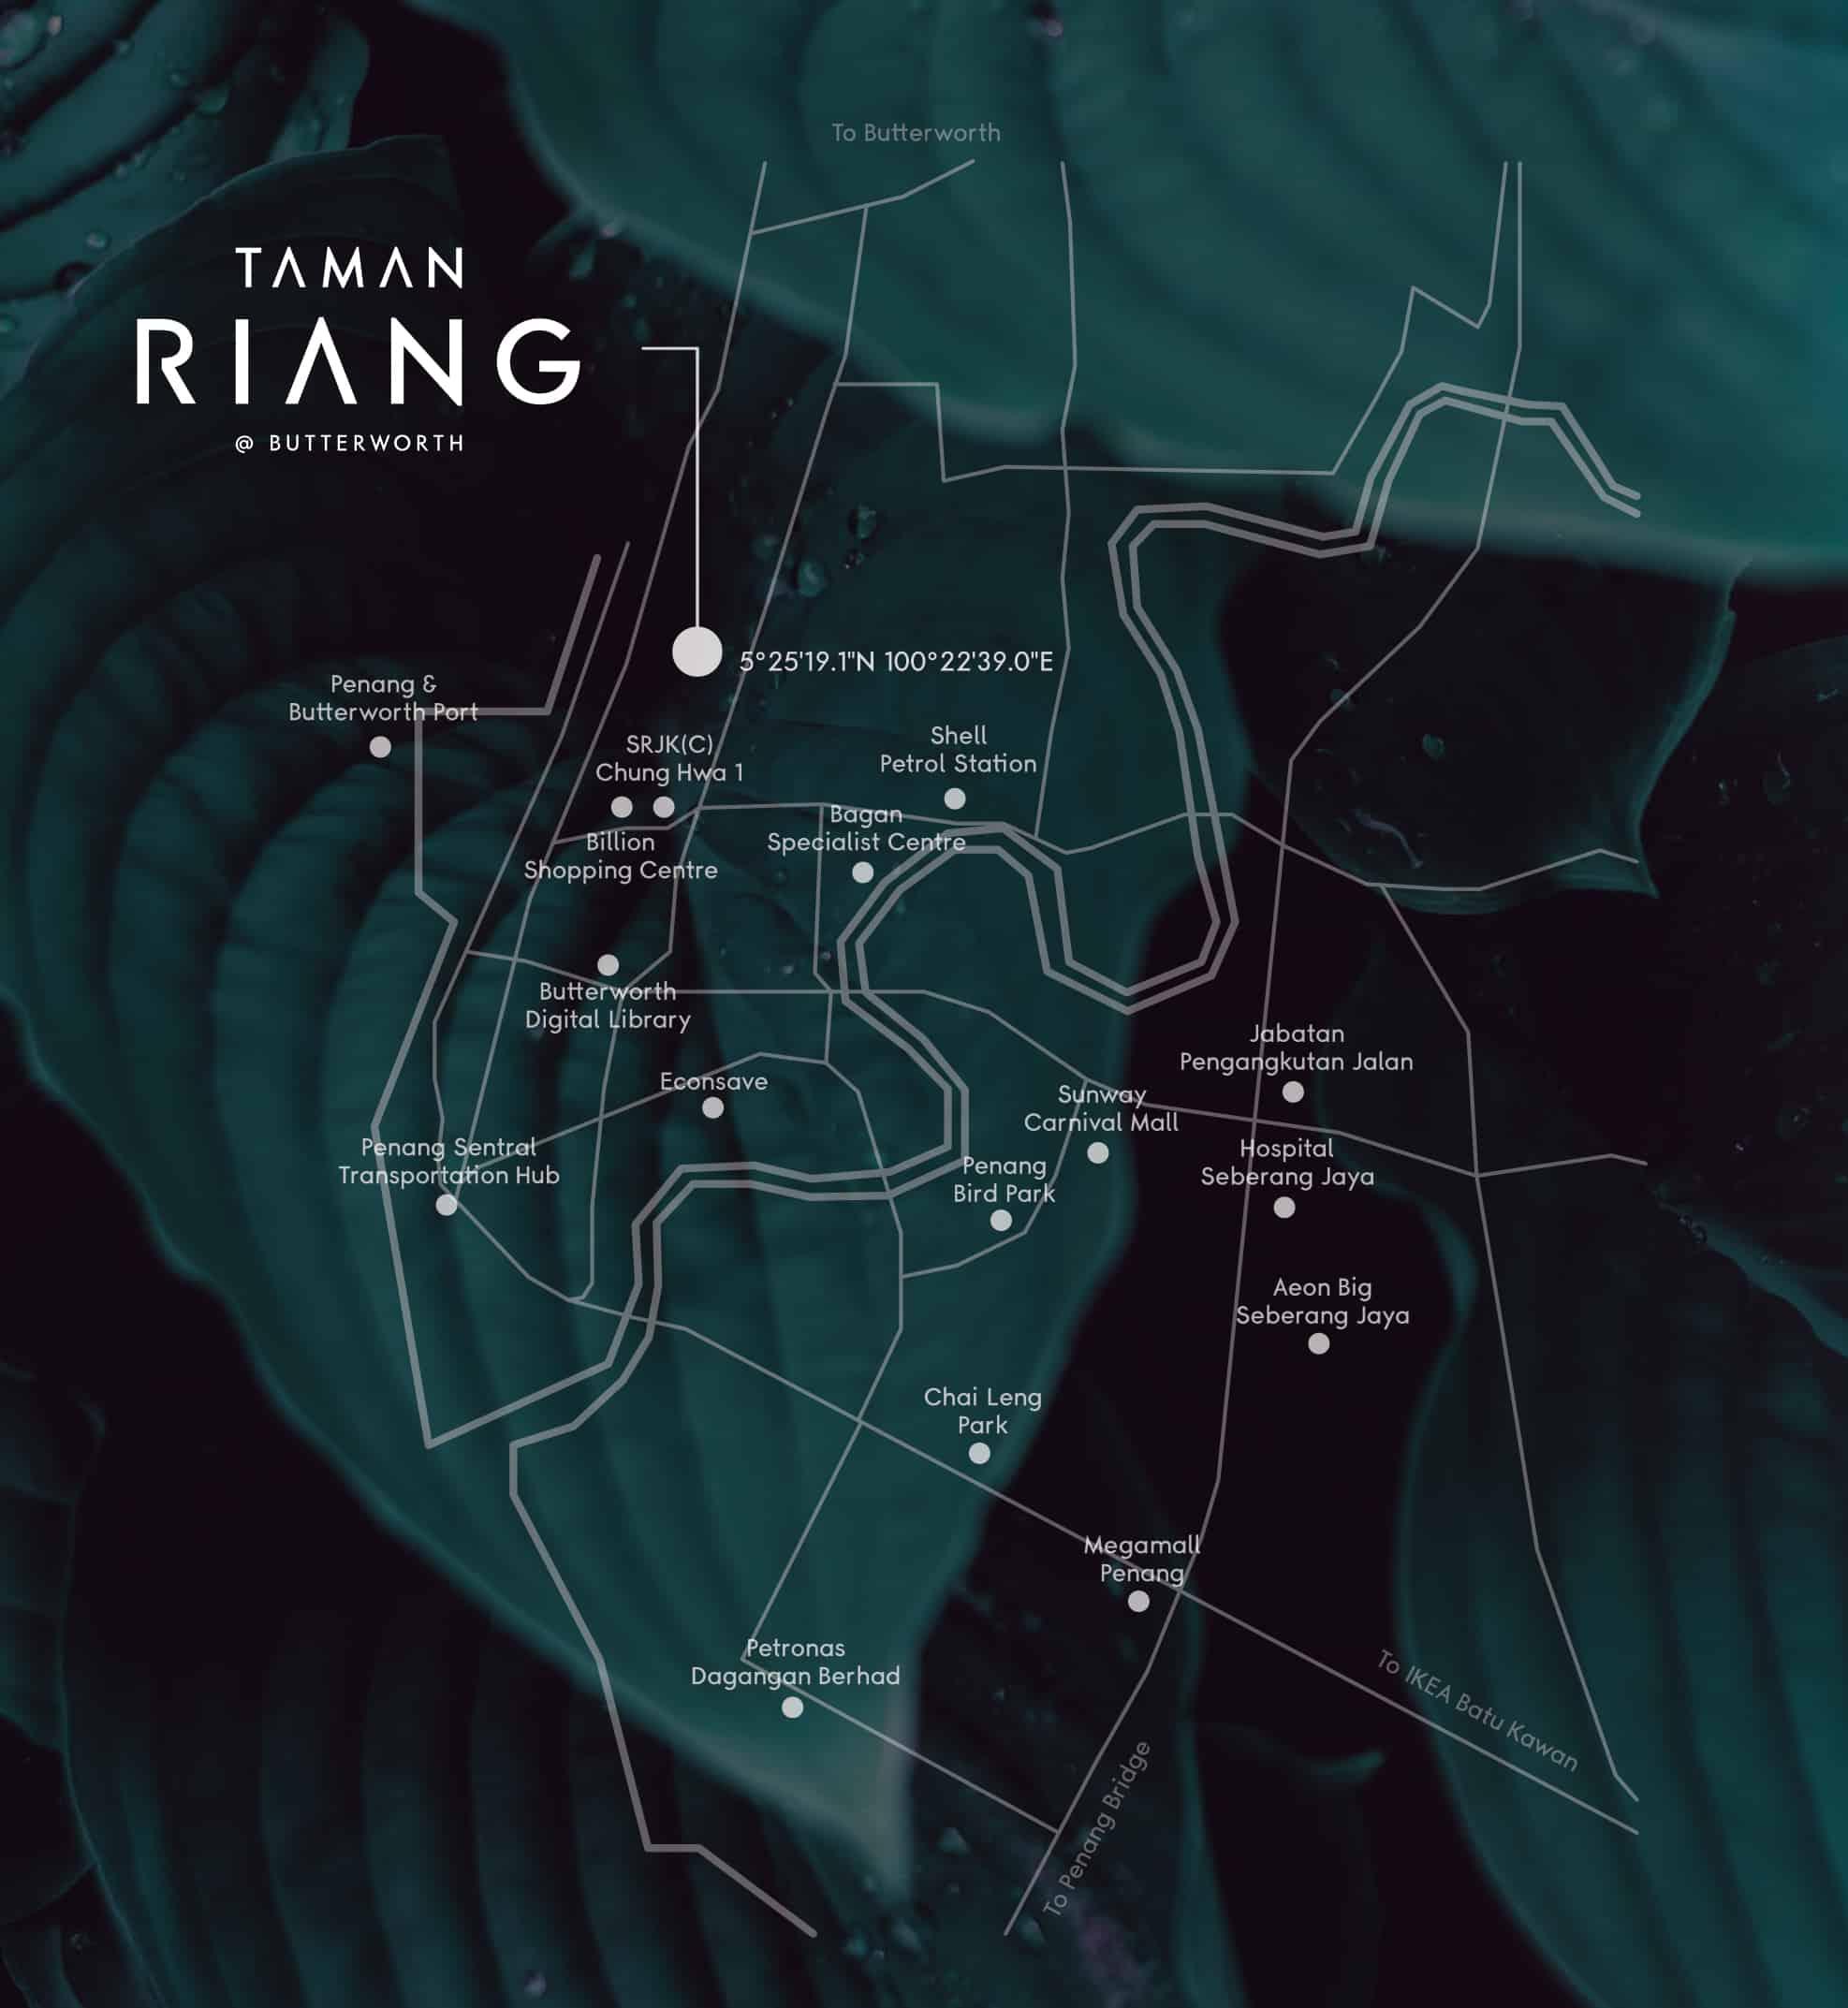 taman riang map